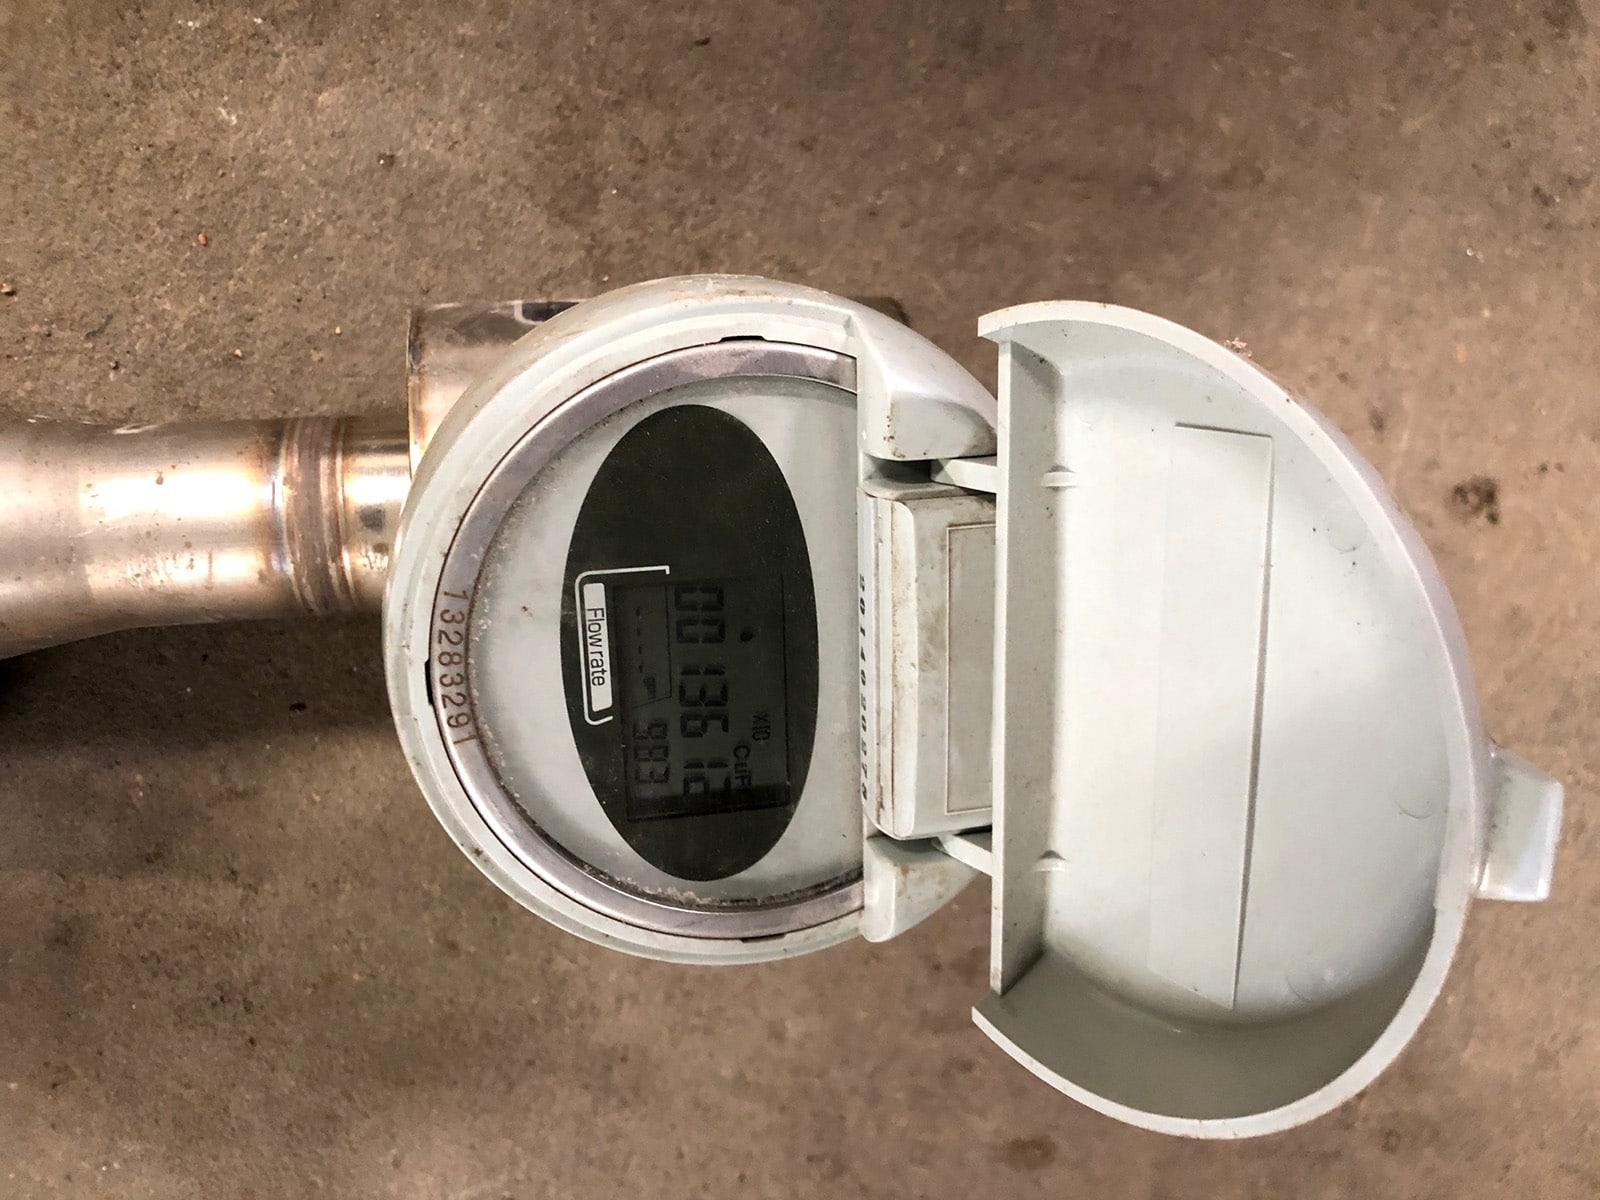 modern water meters